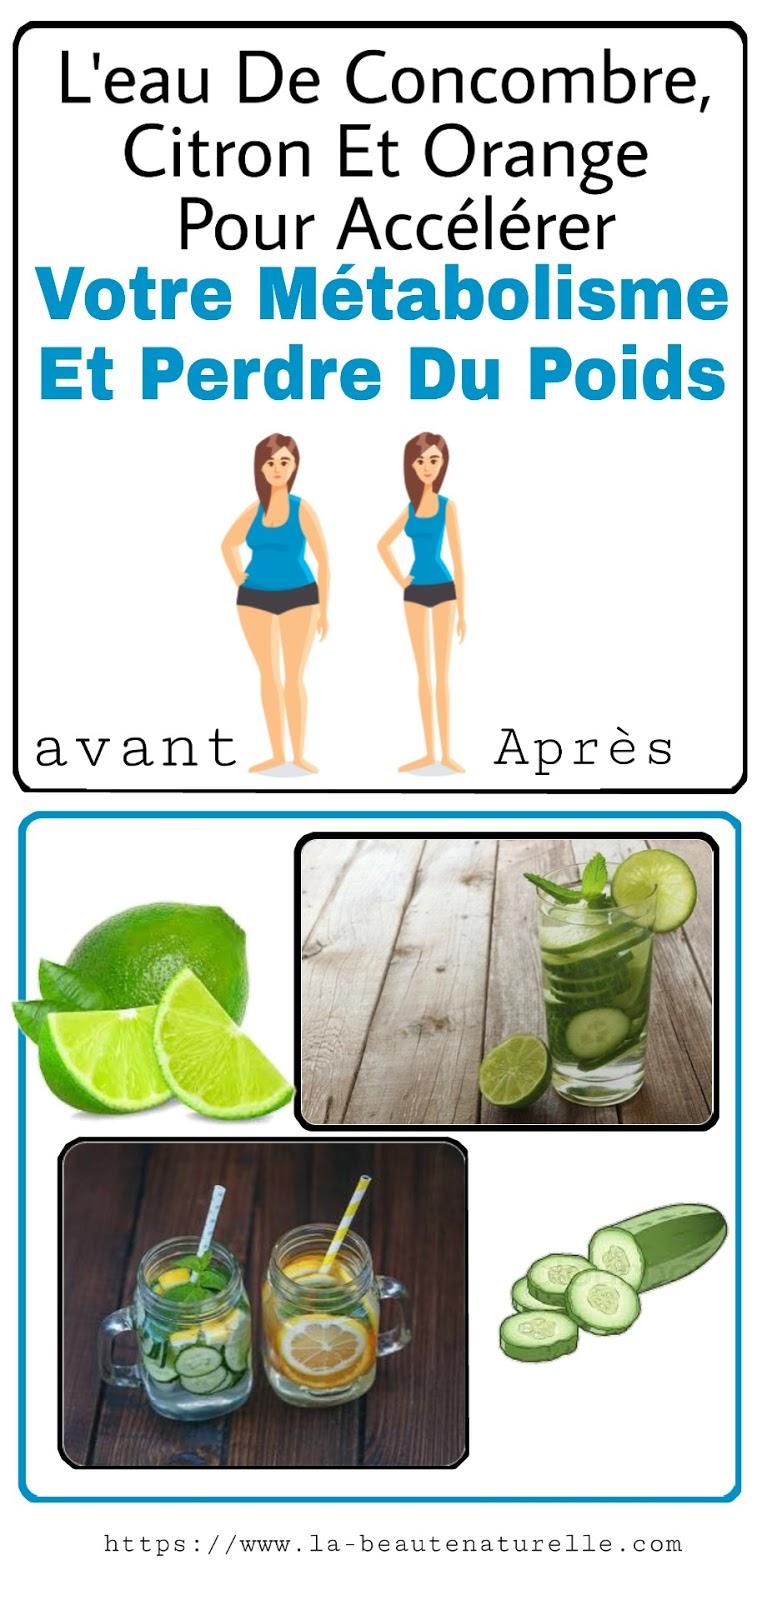 L'eau De Concombre, Citron Et Orange Pour Accélérer Votre Métabolisme Et Perdre Du Poids